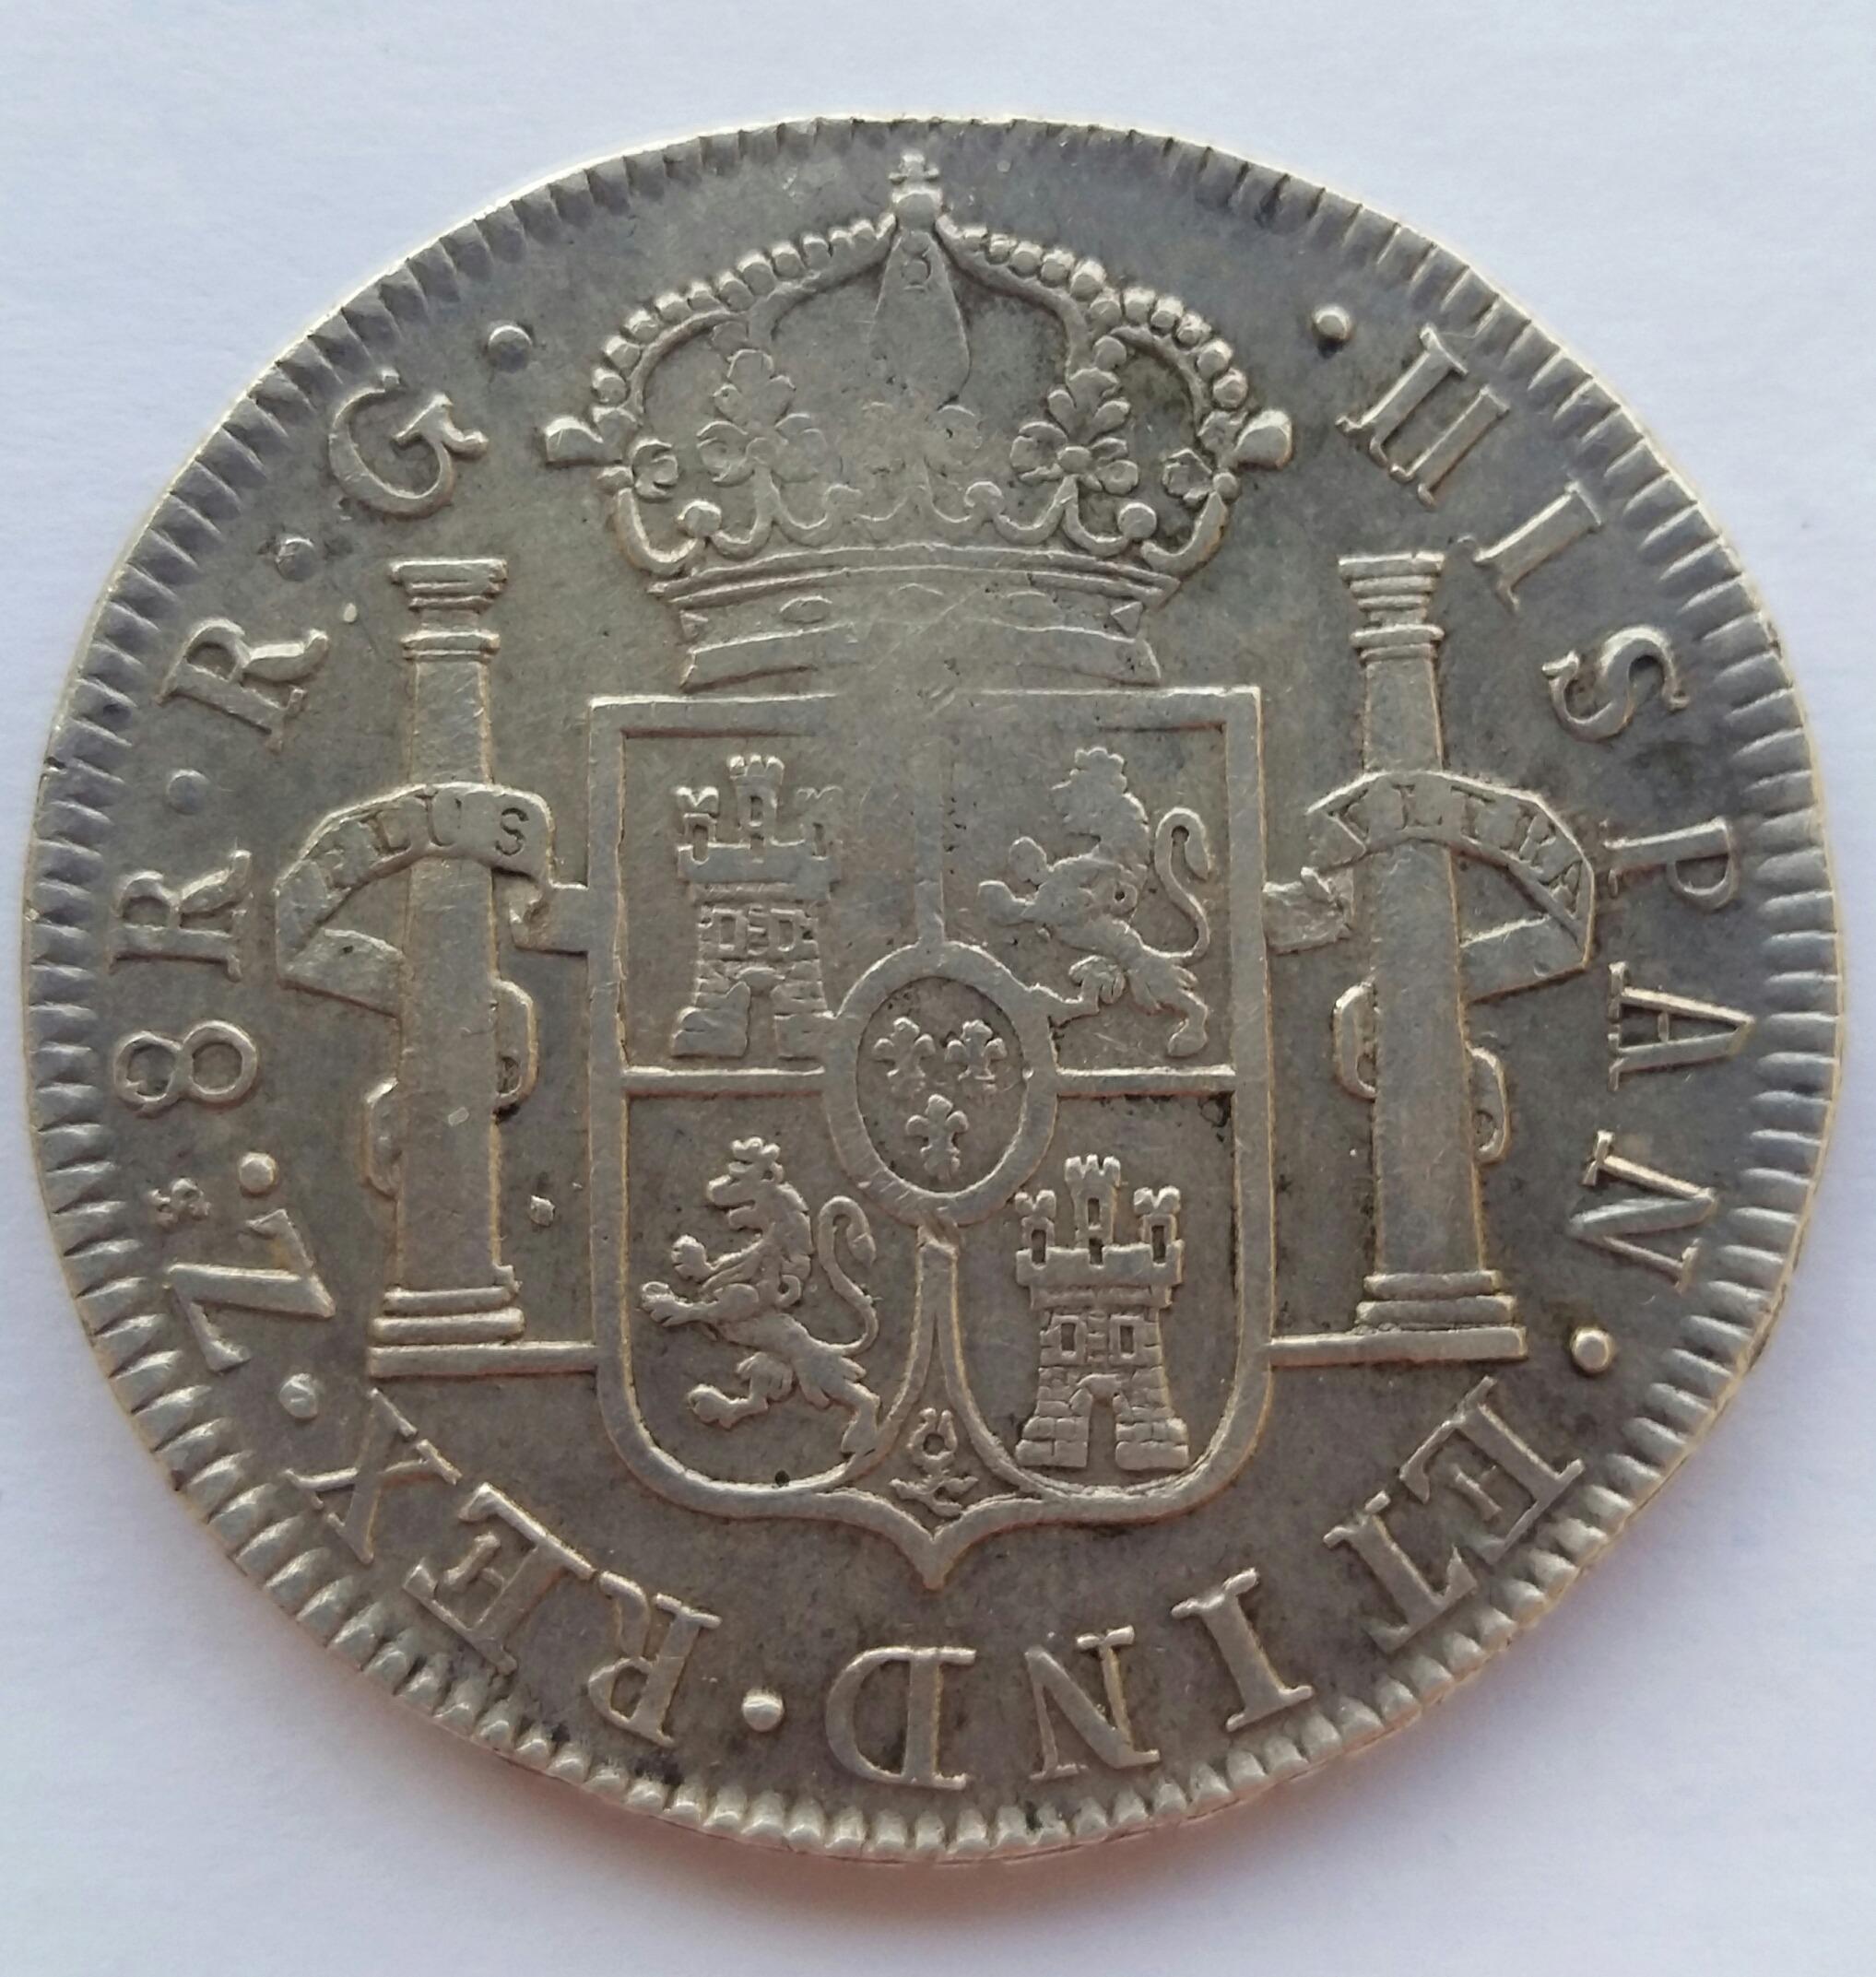 8 Reales 1821. Fernando VII. Zacatecas RG 20200129